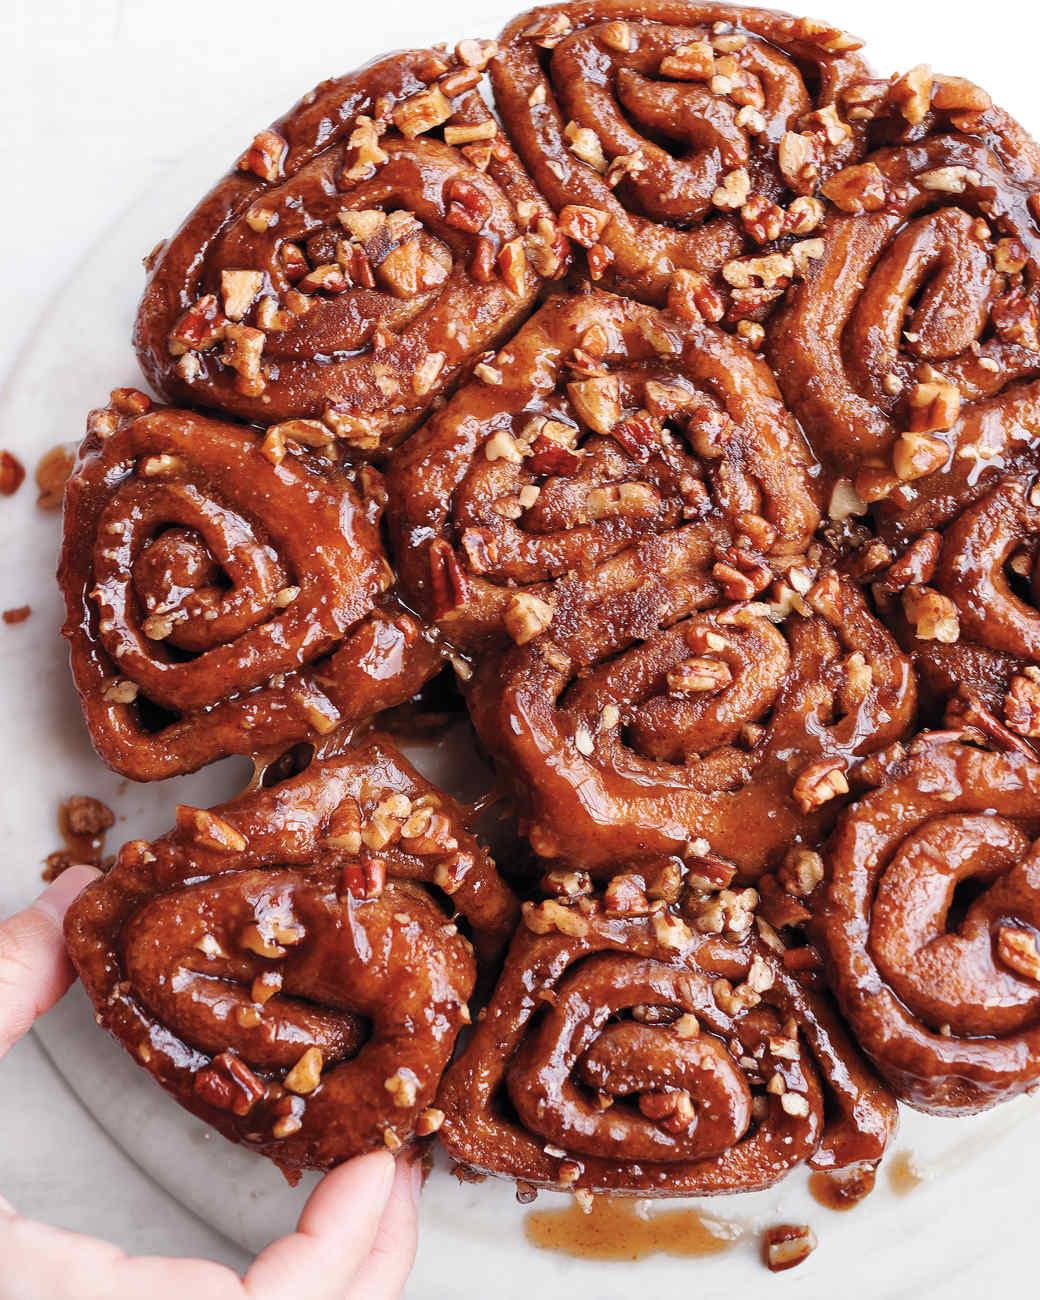 sticky-buns-727-md110606.jpg